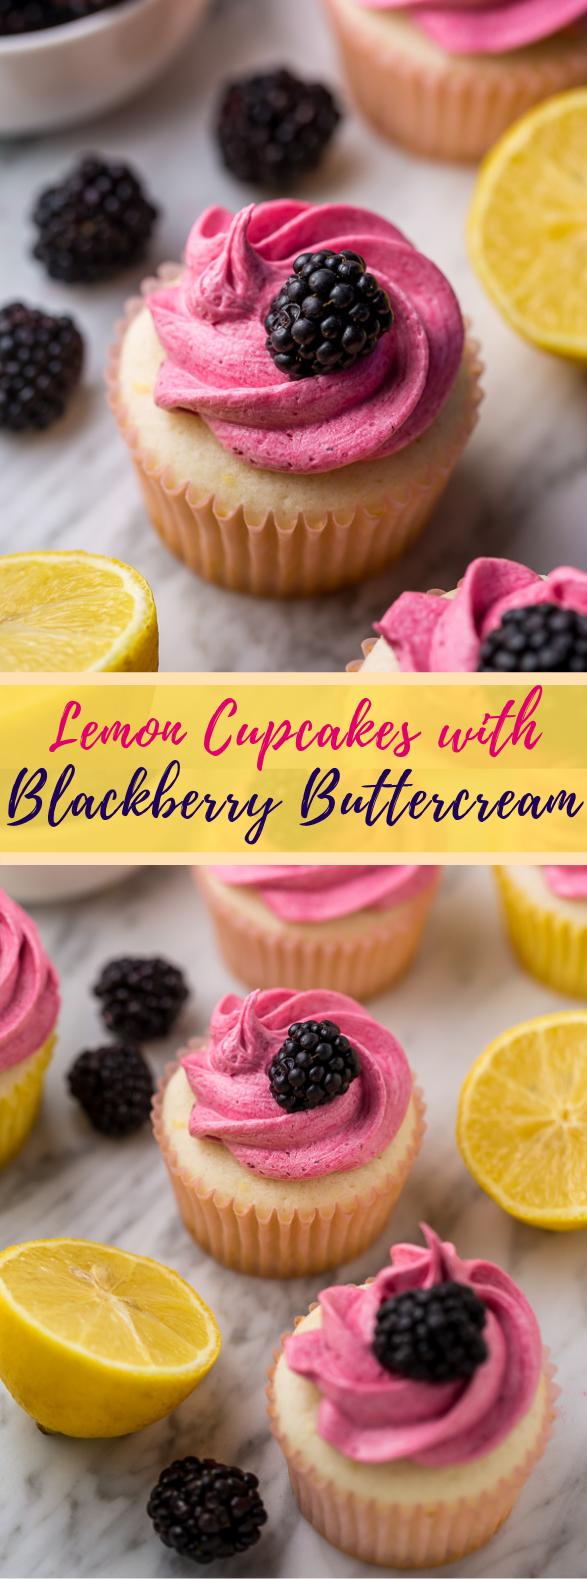 Lemon Cupcakes with Blackberry Buttercream #cake #dessert